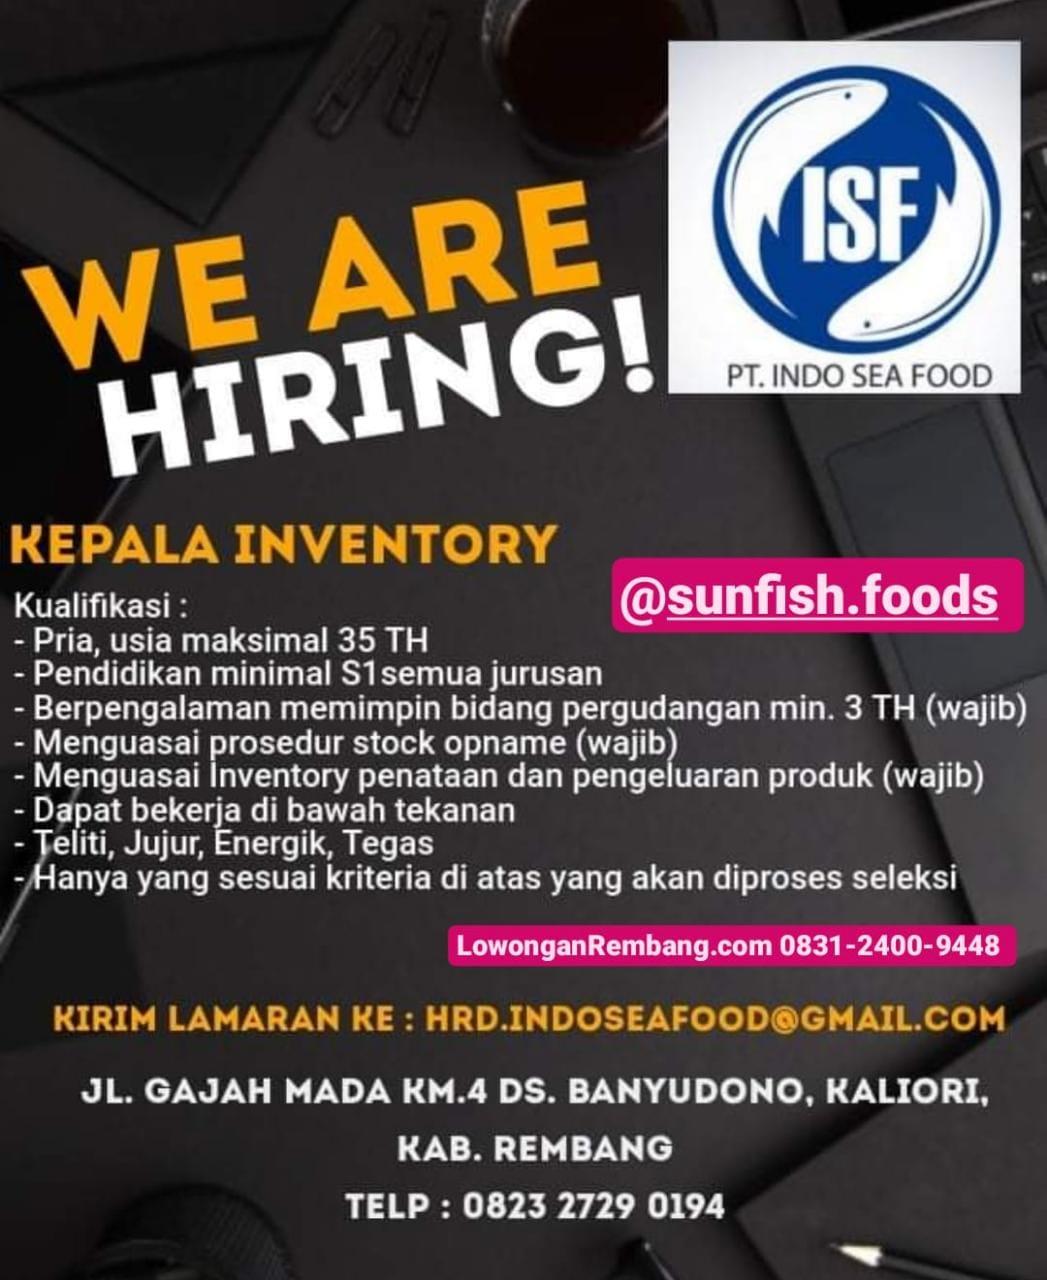 Lowongan Kerja Posisi Kepala Inventory PT Indo Sea Food Banyudono Kaliori Rembang